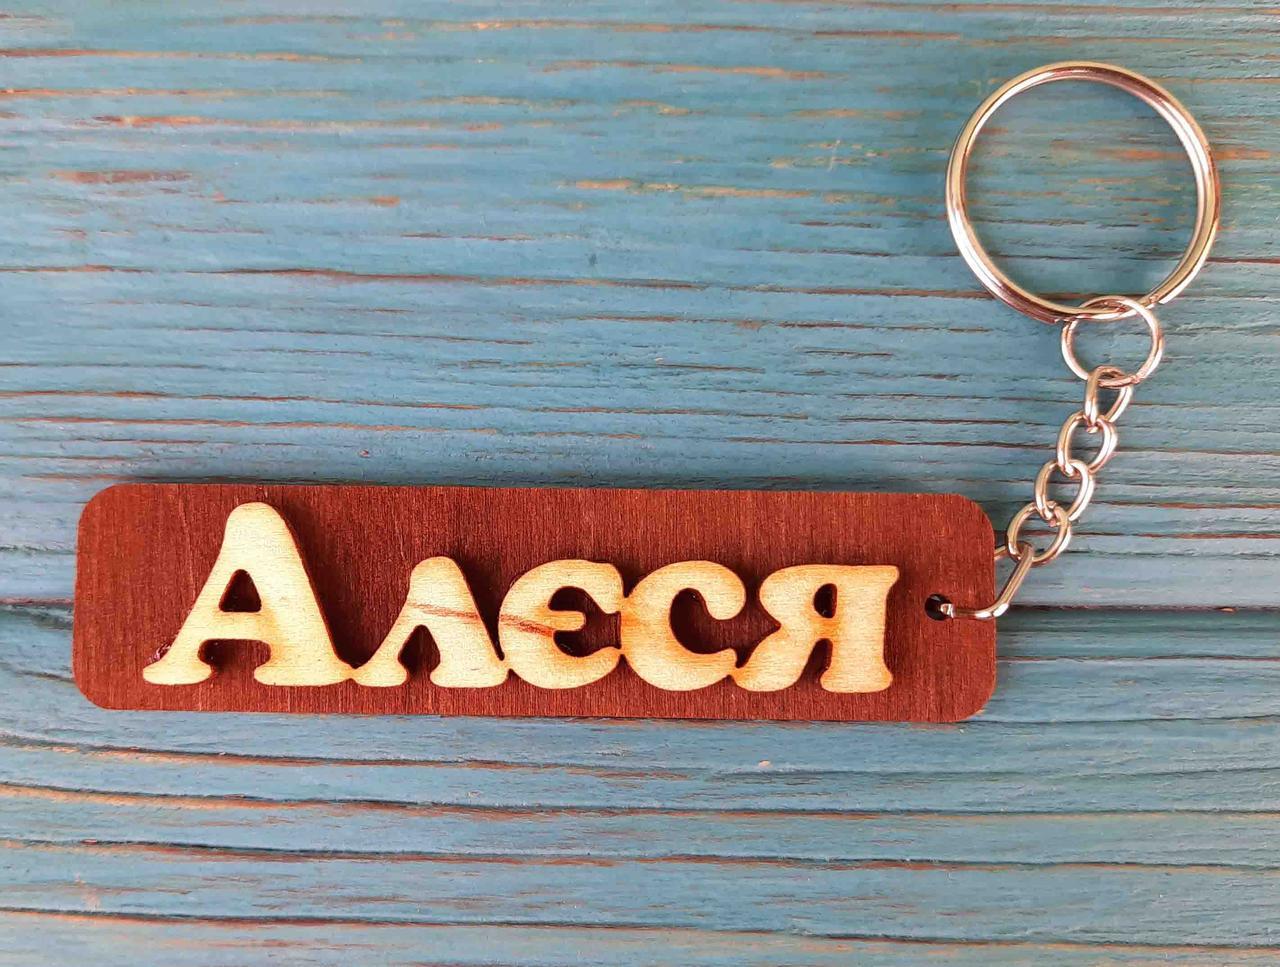 Брелок именной Алєся. Брелок с именем Алєся. Брелок деревянный. Брелок для ключей. Брелоки с именами